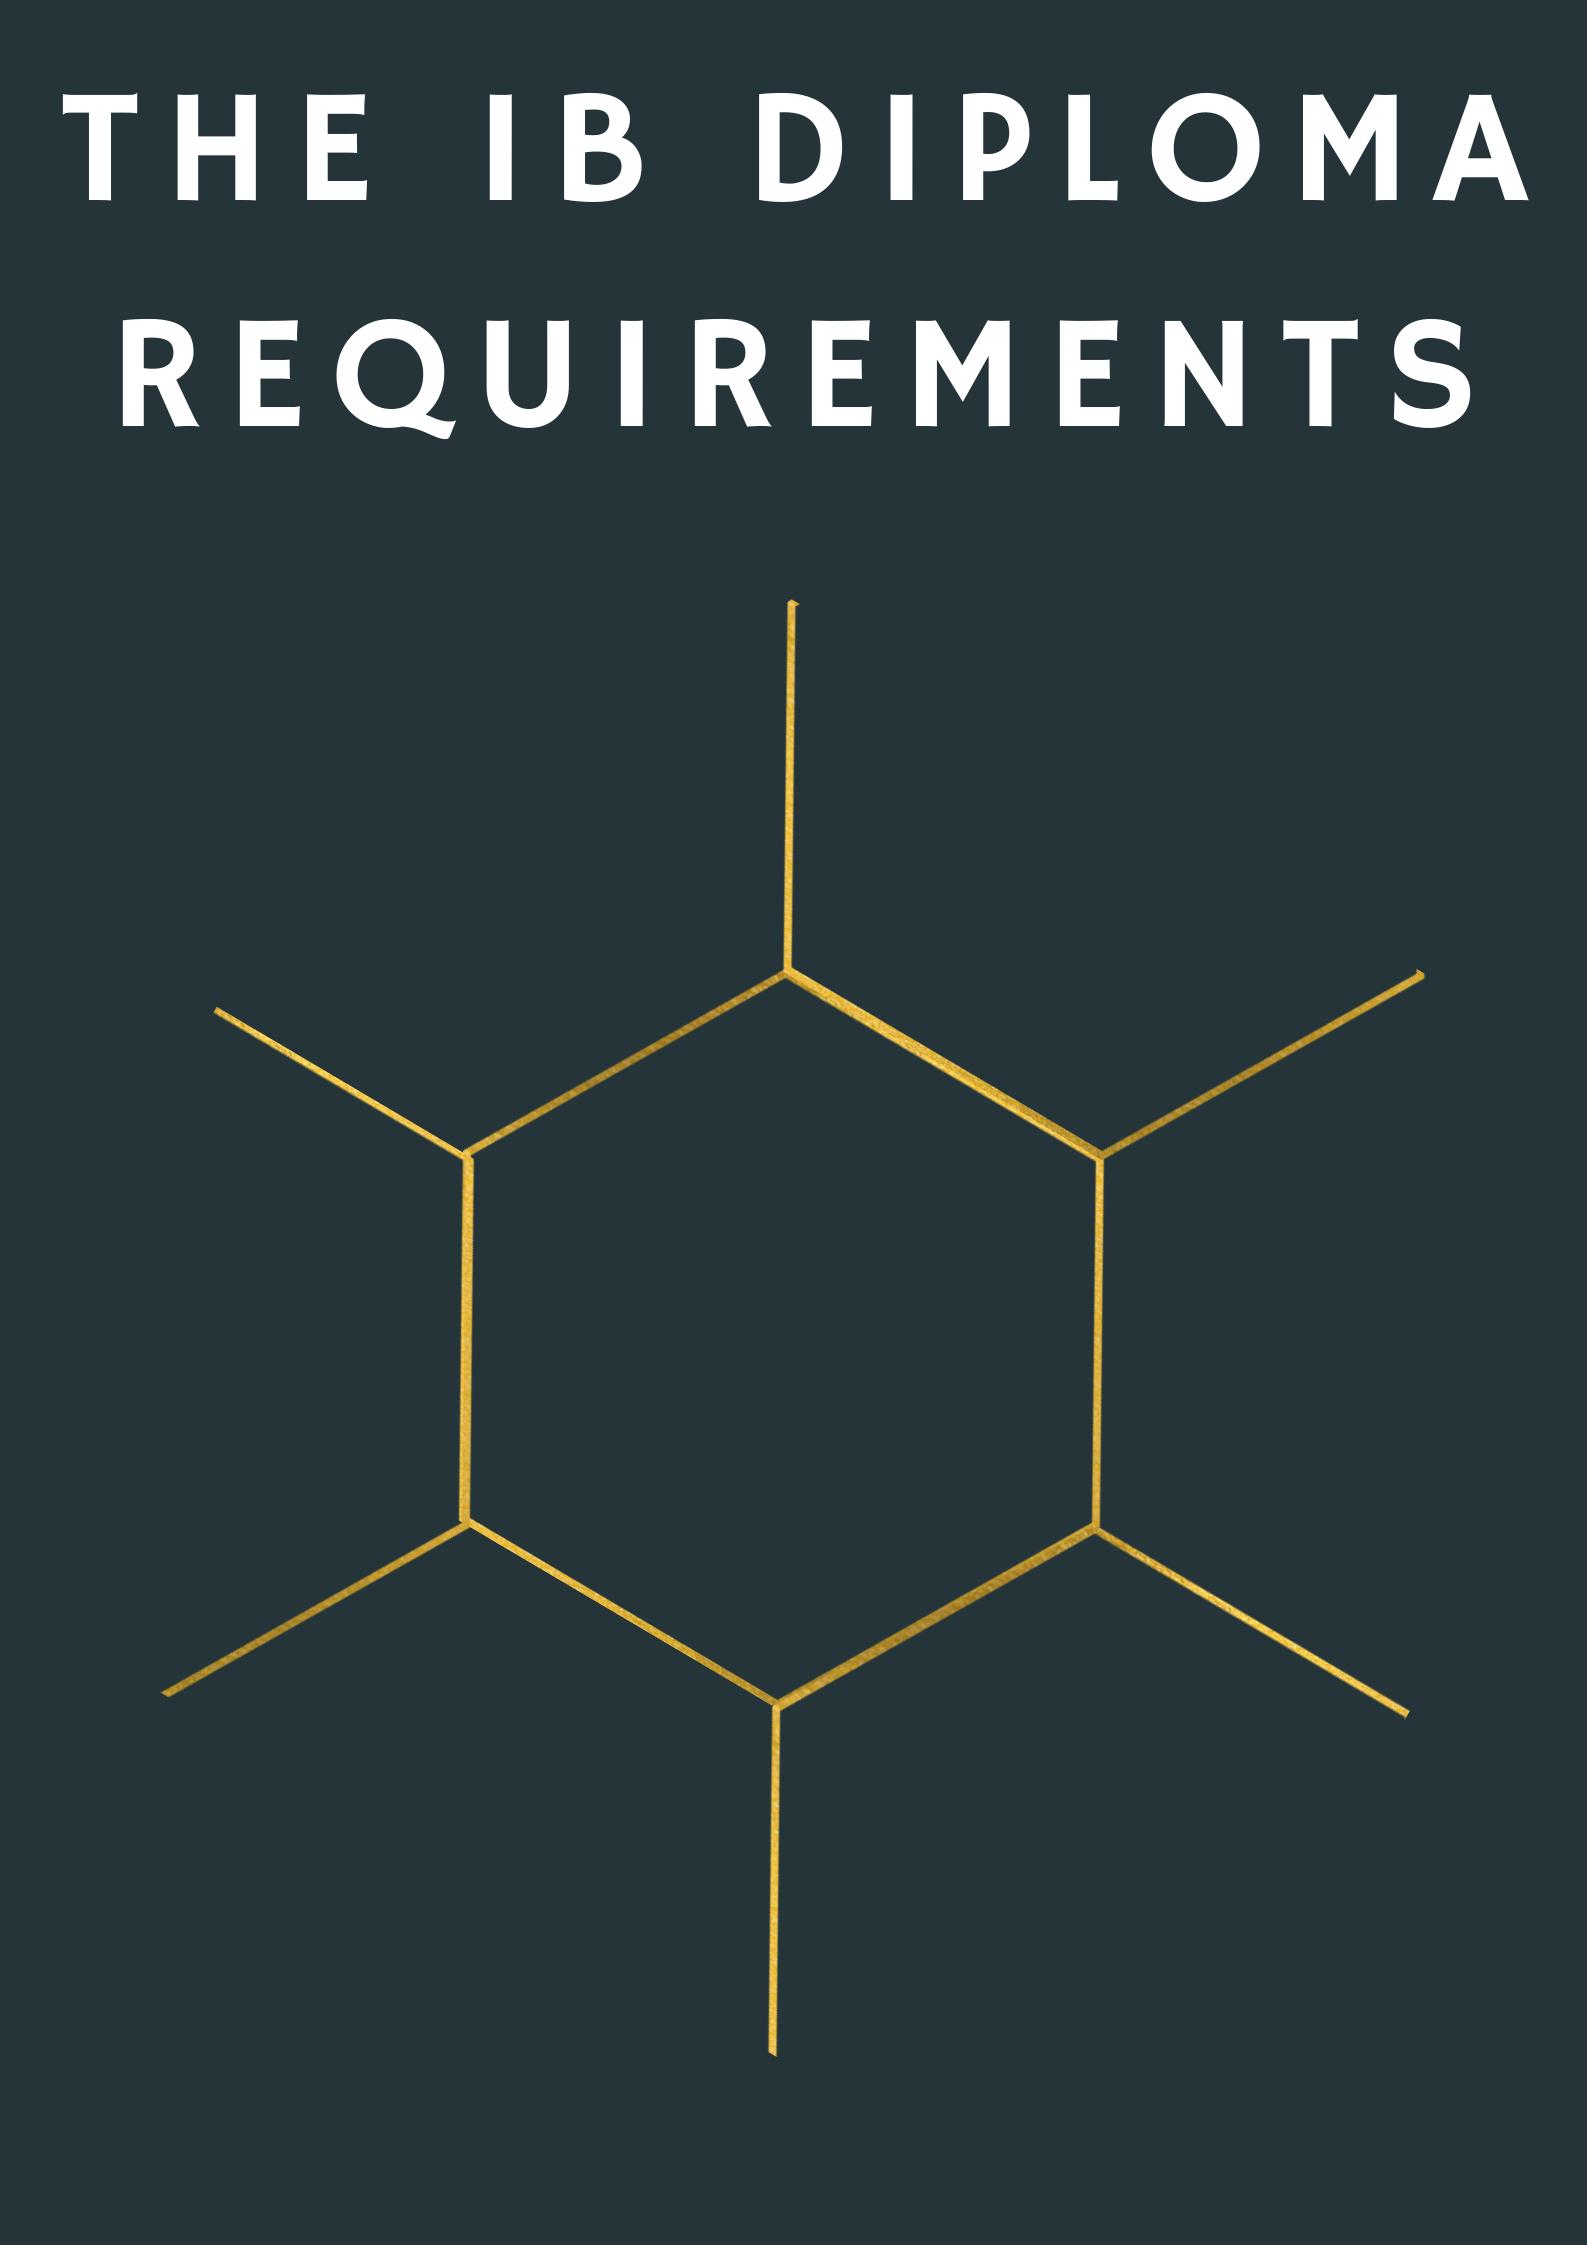 The-IB-Diploma-Requirements